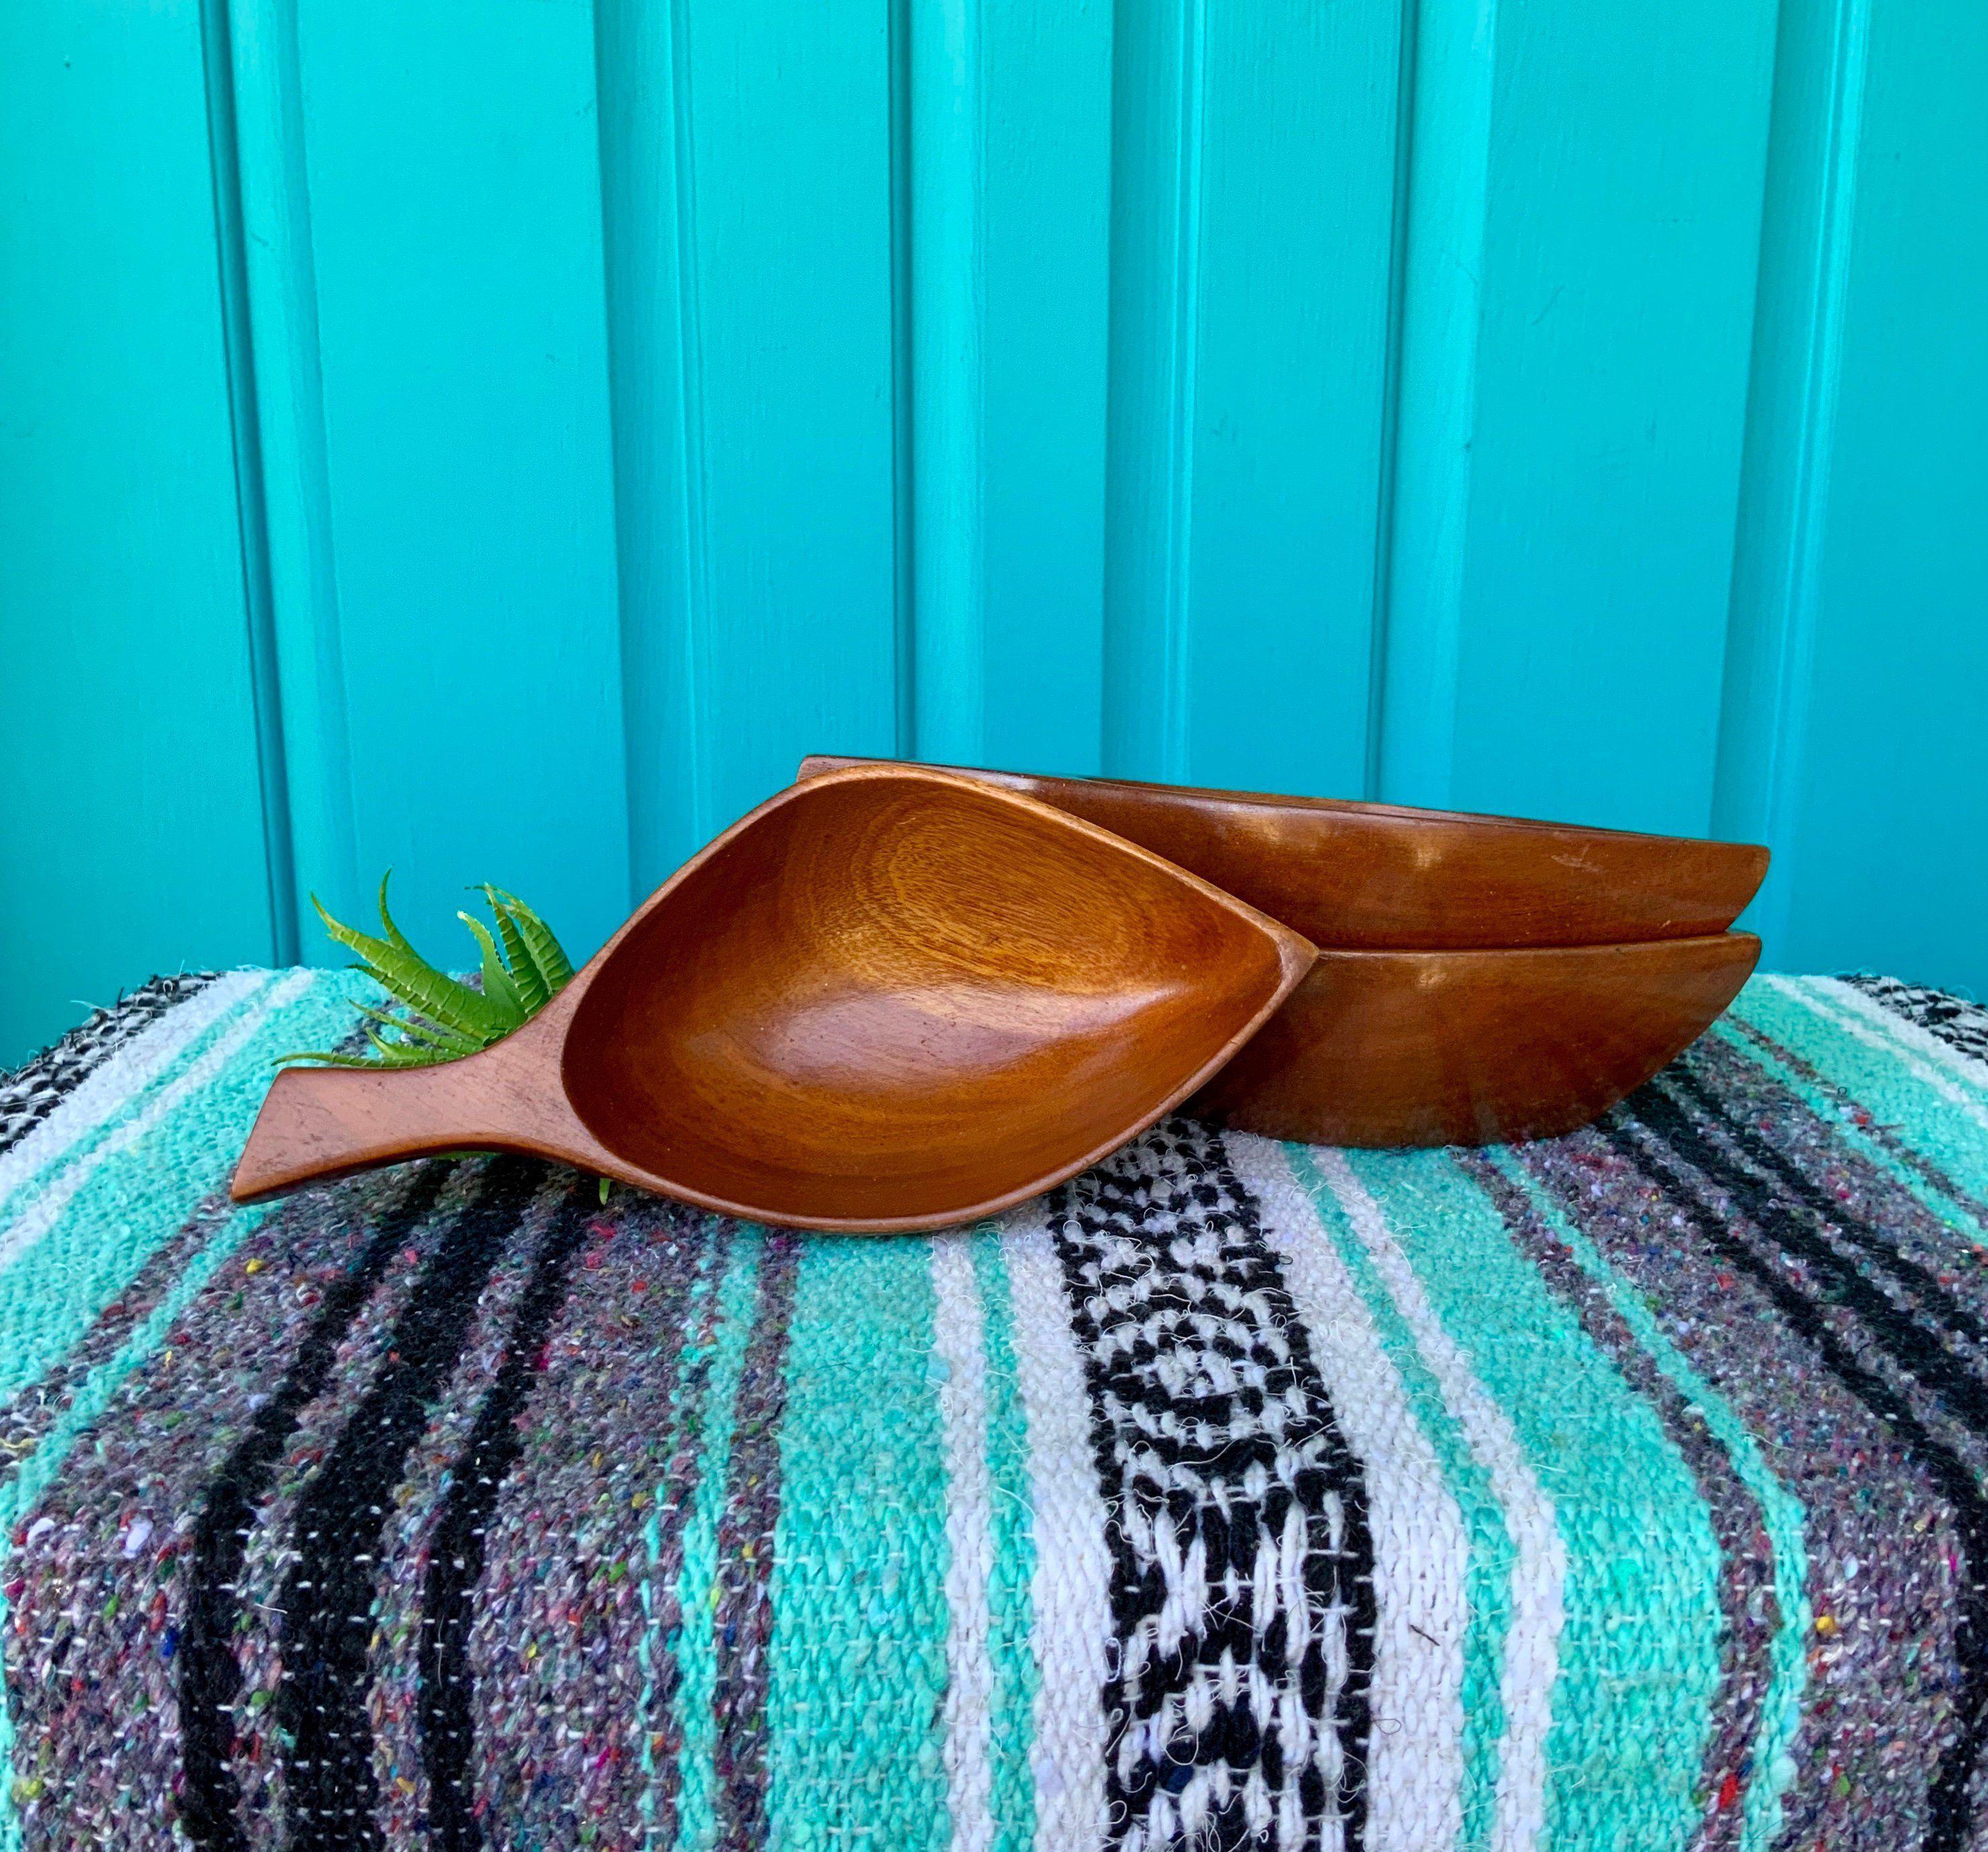 """FREE SHIPPING-Vintage """"Set of 3"""" MCM Monkey Pod Leaf Bowls-Abstract Leaf Sha... -  FREE SHIPPING-Vintage """"Set of 3"""" MCM Monkey Pod Leaf Bowls-Abstract Leaf Shape-Mid Century-Bohe - #bohemianTropicalDecor #BowlsAbstract #coastalTropicalDecor #colorfulTropicalDecor #free #Leaf #MCM #Monkey #Pod #set #Sha #SHIPPINGVintage #TropicalDecorideas #TropicalDecorkitchen"""